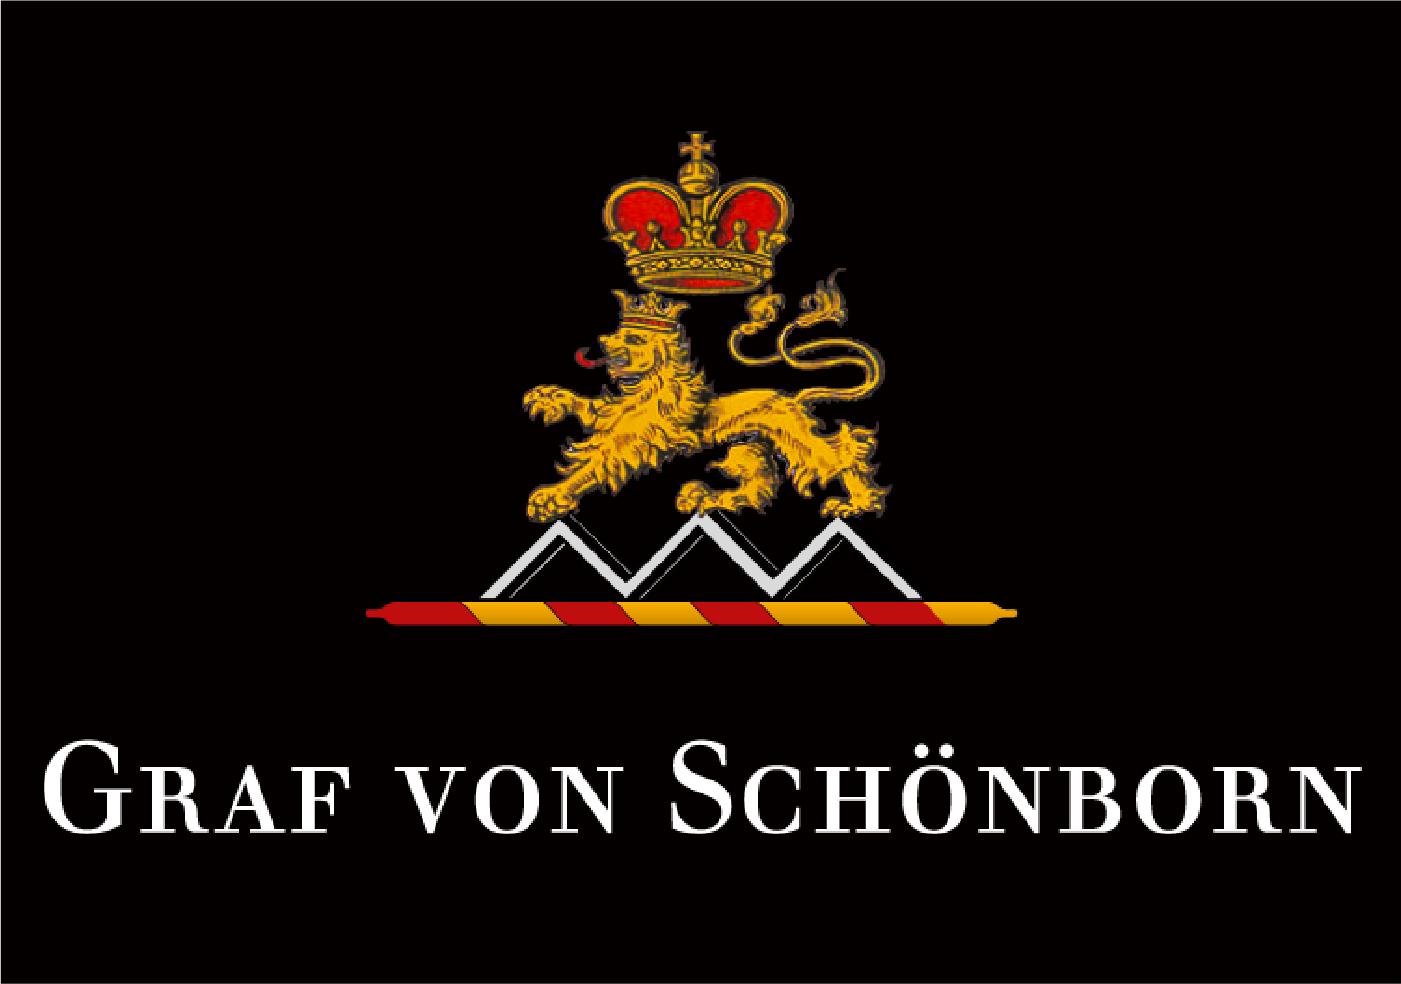 Graf Von Schönborn